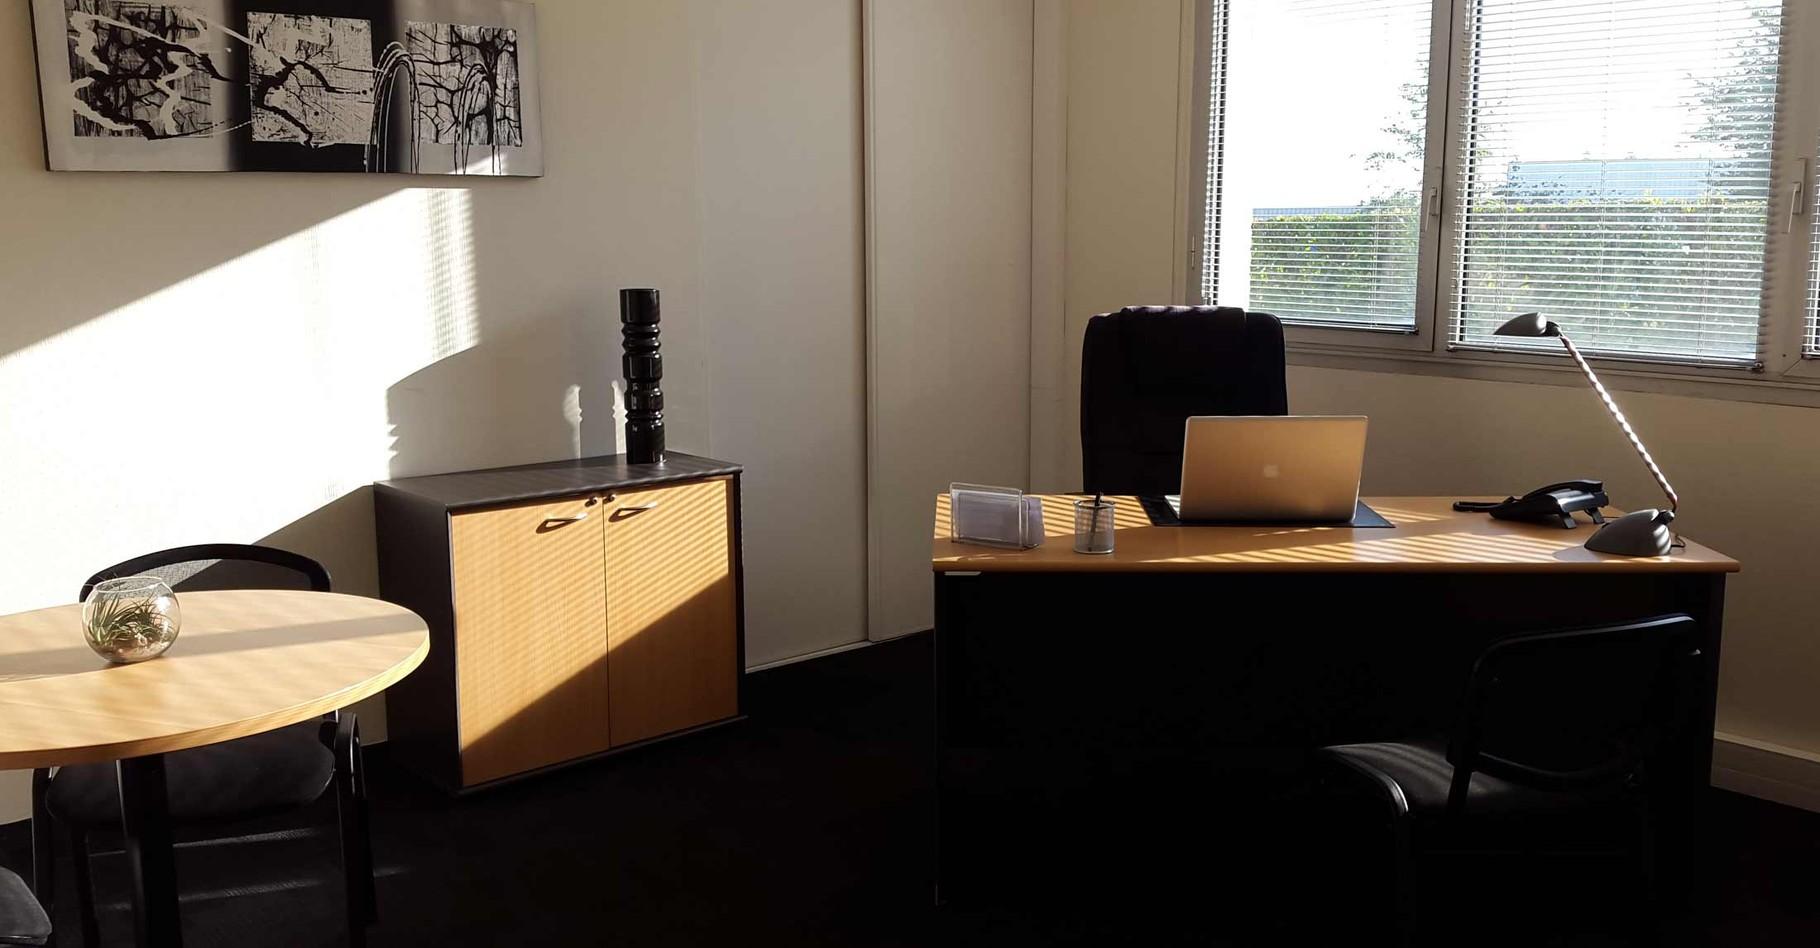 Location bureau meublé 1 2 journée journée mois centre d